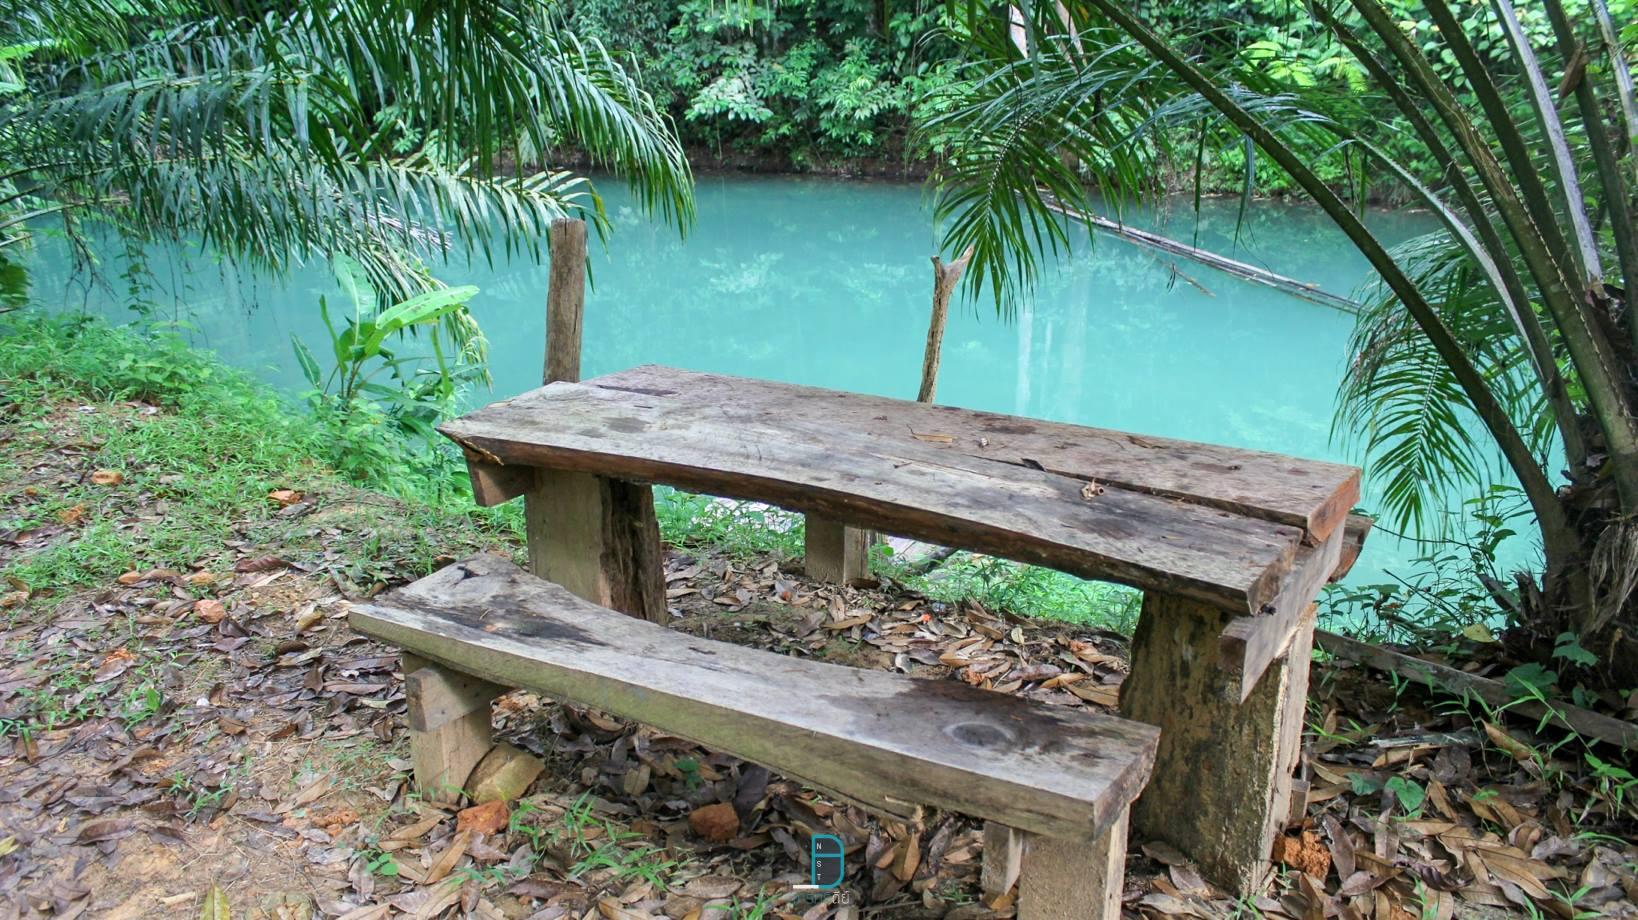 บ้านสวนทองคำโฮมสเตย์ ทุ่งสง แหล่งน้ำใสสีฟ้า ล่องแพ พายเรือ อาหารพื้นบ้านรสเด็ด สัมผัสธรรมชาติ นครศรีดีย์